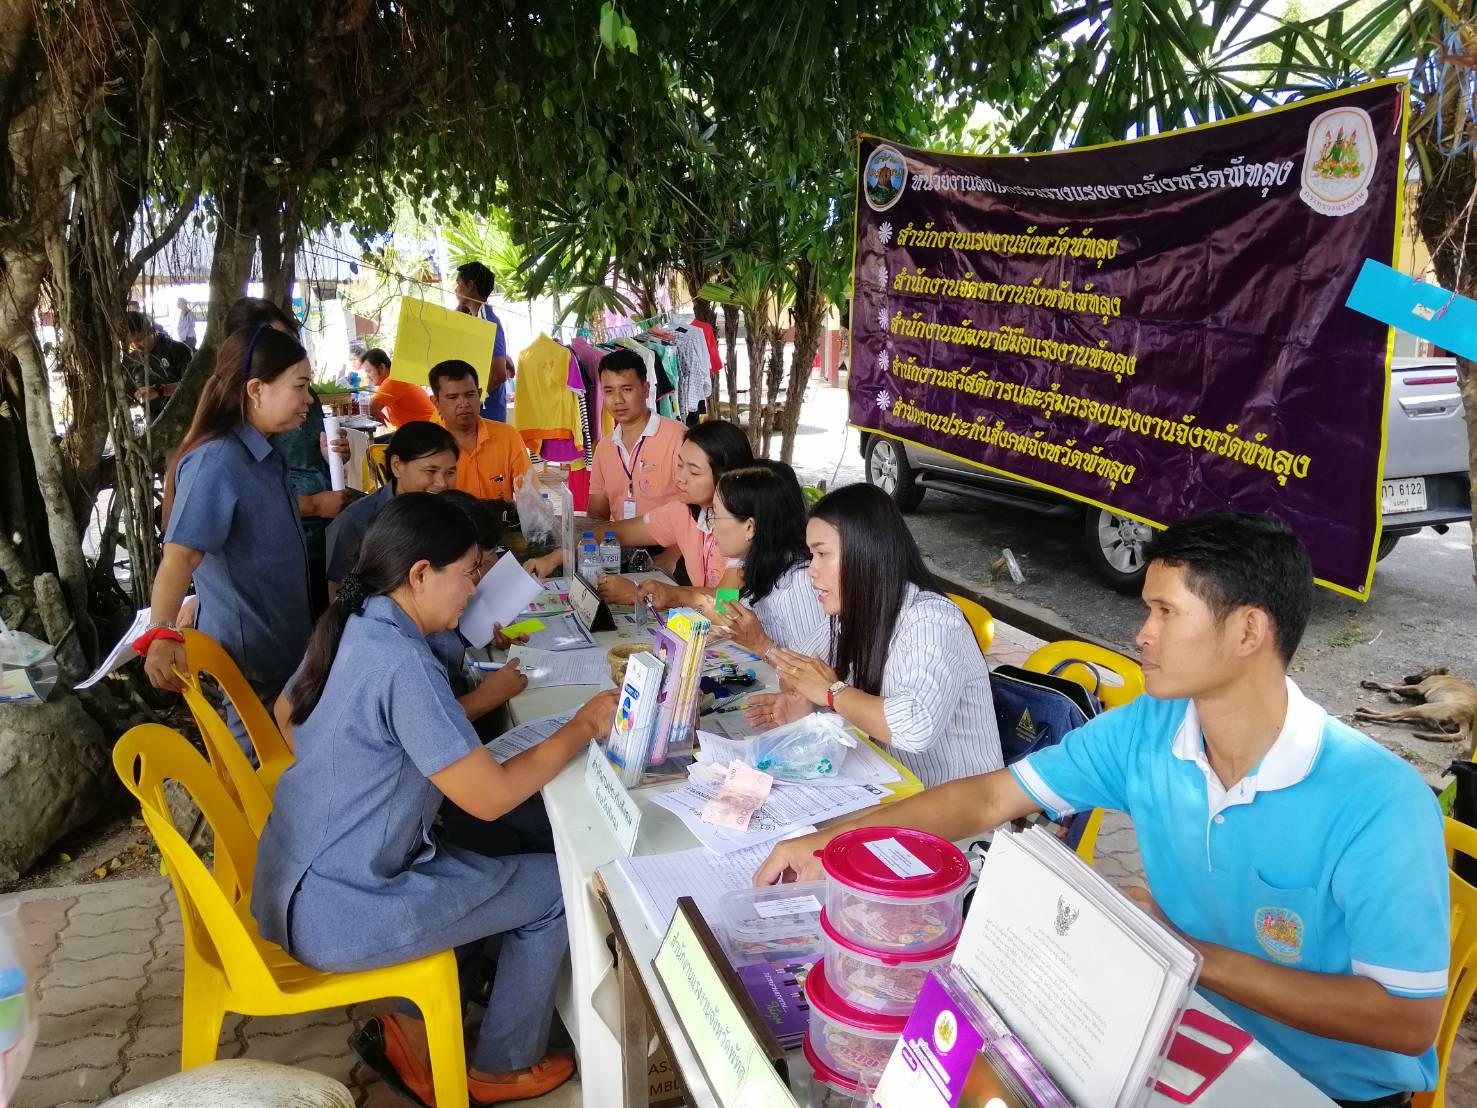 โครงการหน่วยบำบัดทุกข์ บำรุงสุข สร้างรอยยิ้มให้ประชาชน